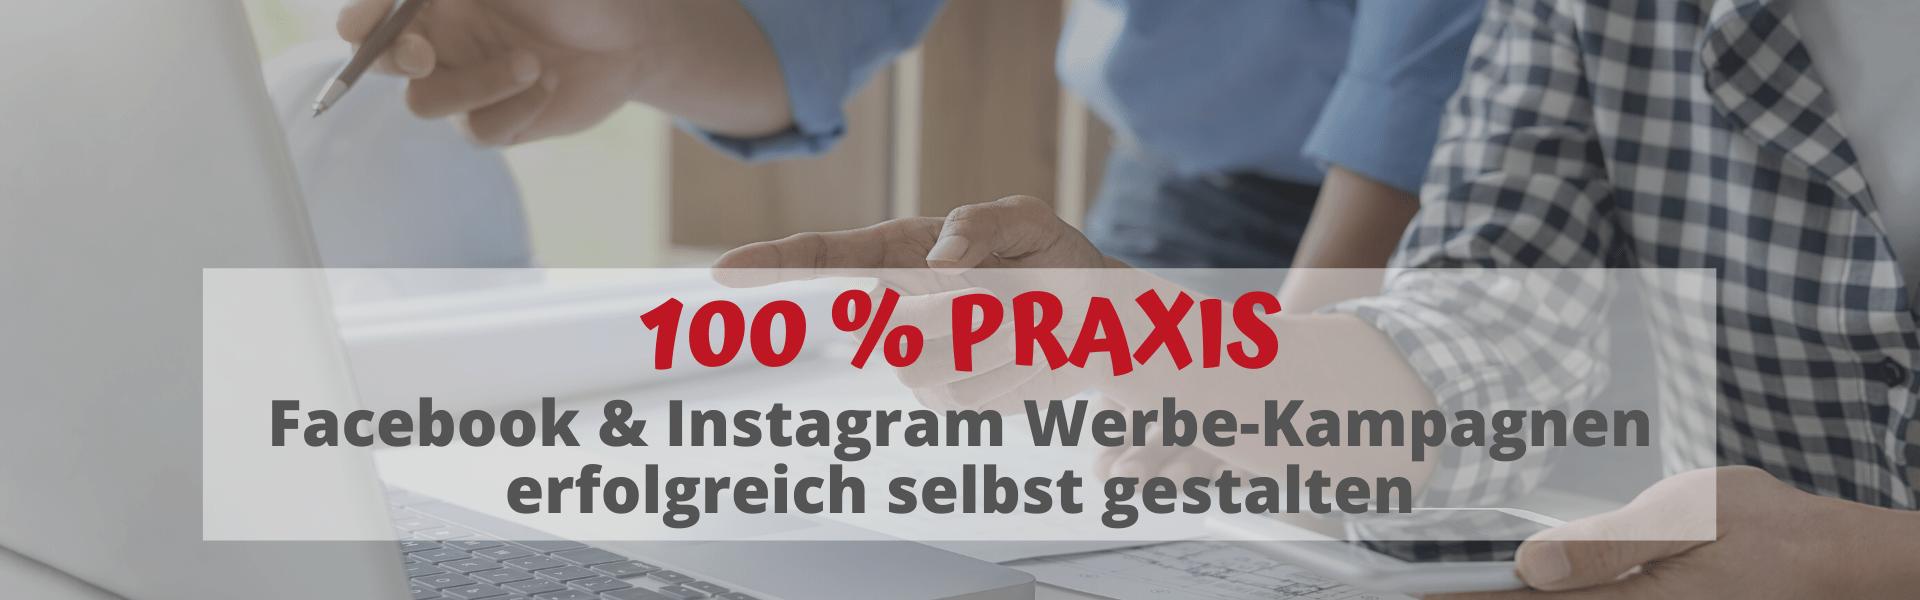 100 % PRAXIS Facebook & Instagram Werbeanzeigen erfolgreich gestalten